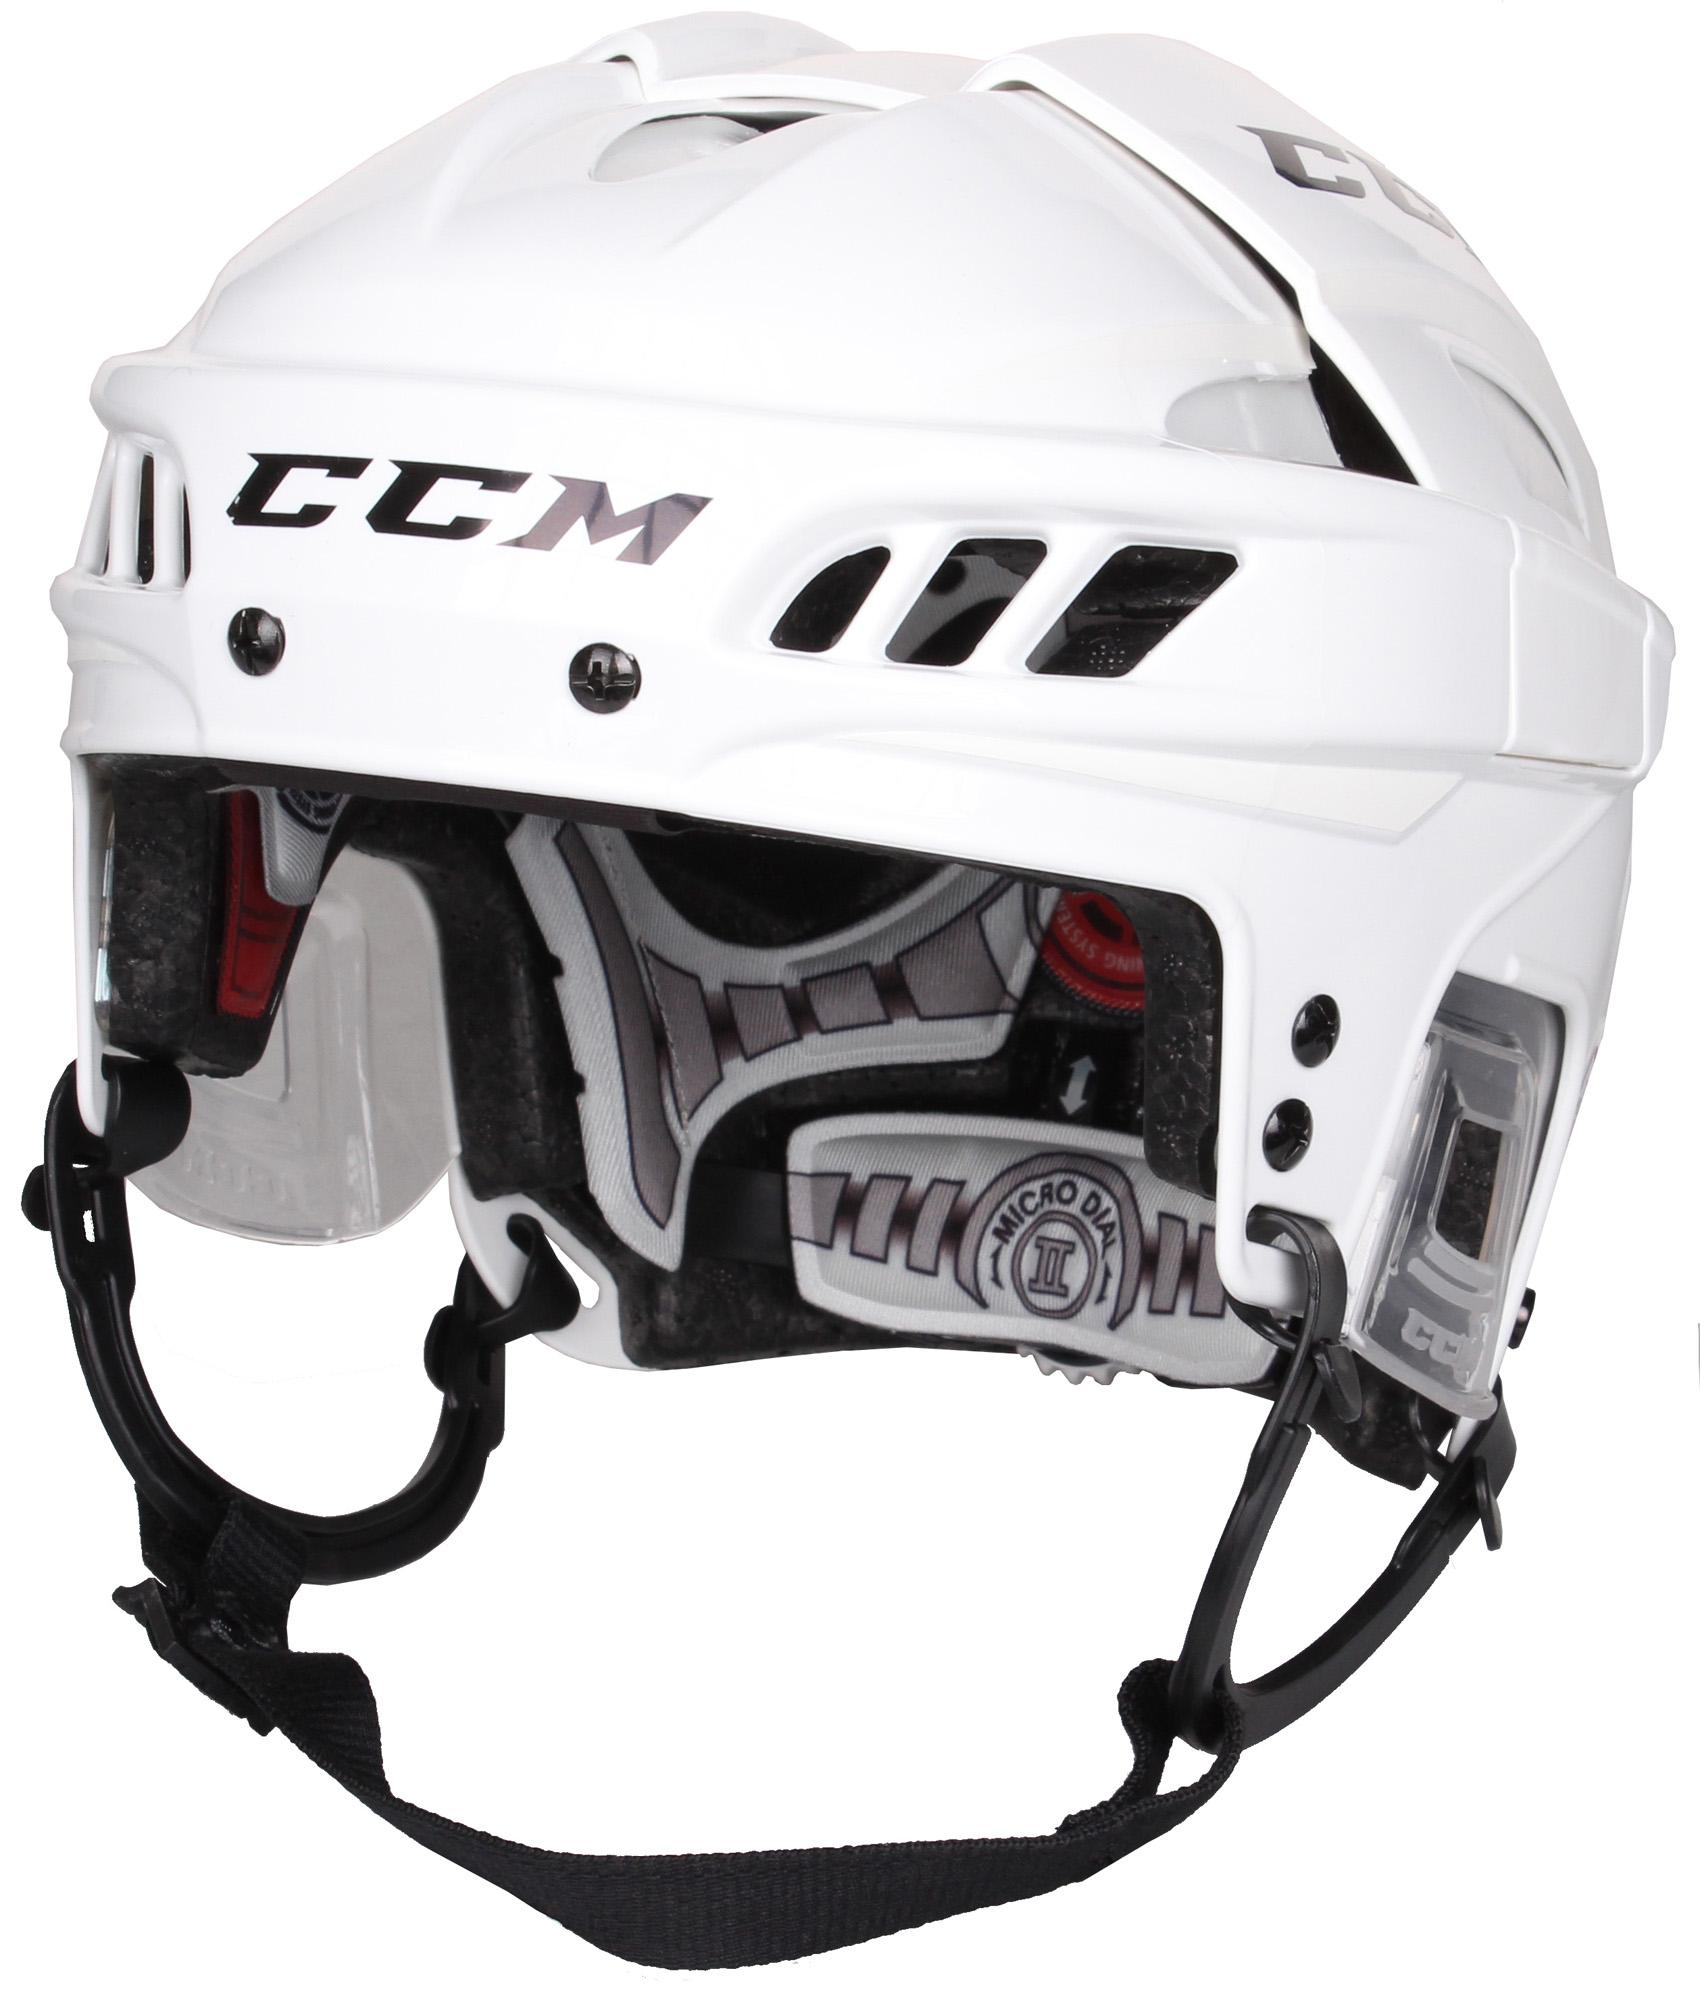 CCM FitLite hokejová helma - bílá